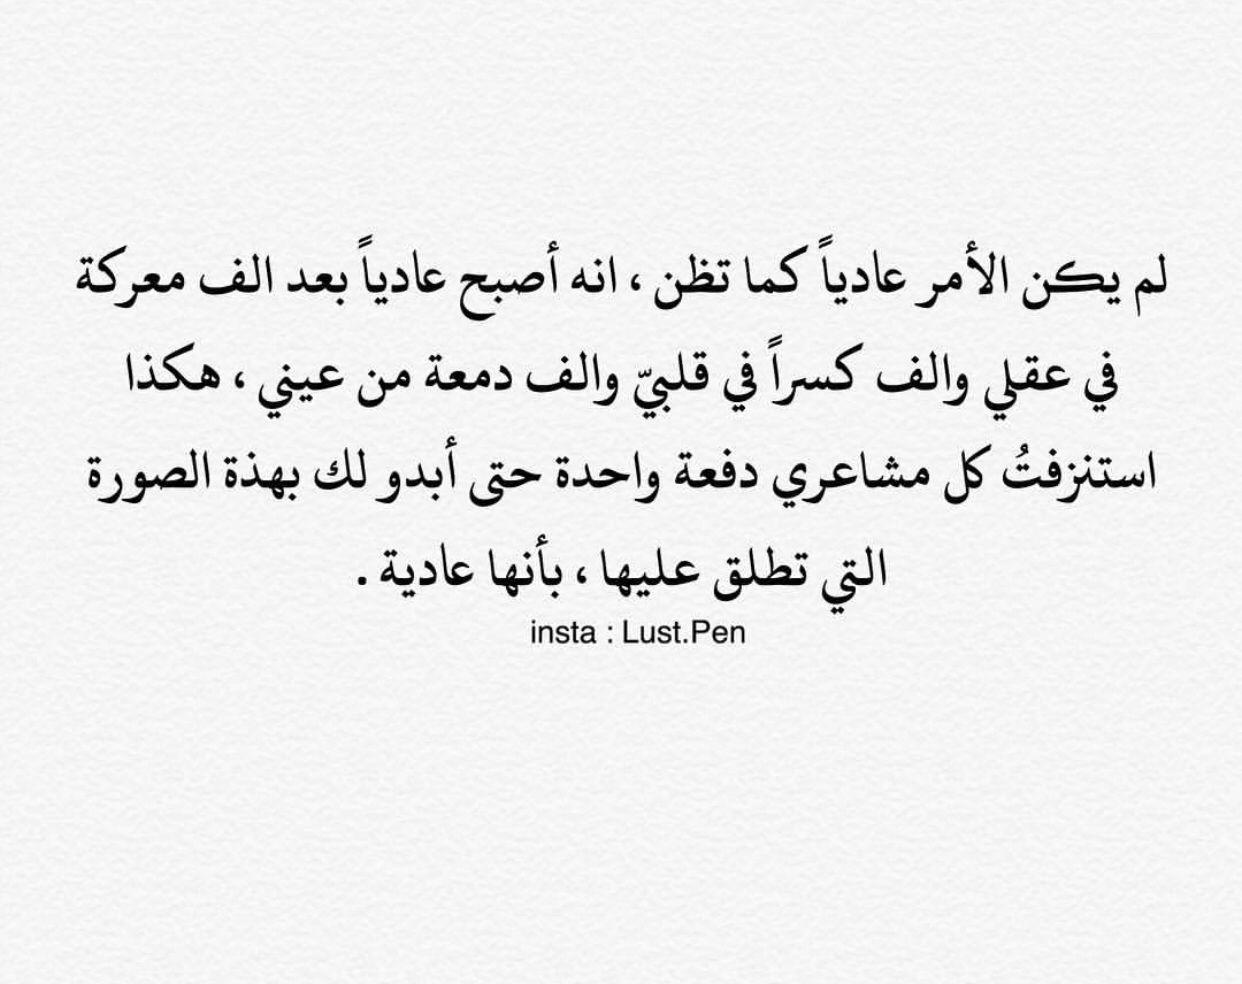 نعم بعد الف كسرة من قلبي اصبح كل شيء عادي فبعض الاعتذارات لا تجبر كسرا Cover Photo Quotes Photo Quotes Arabic Quotes